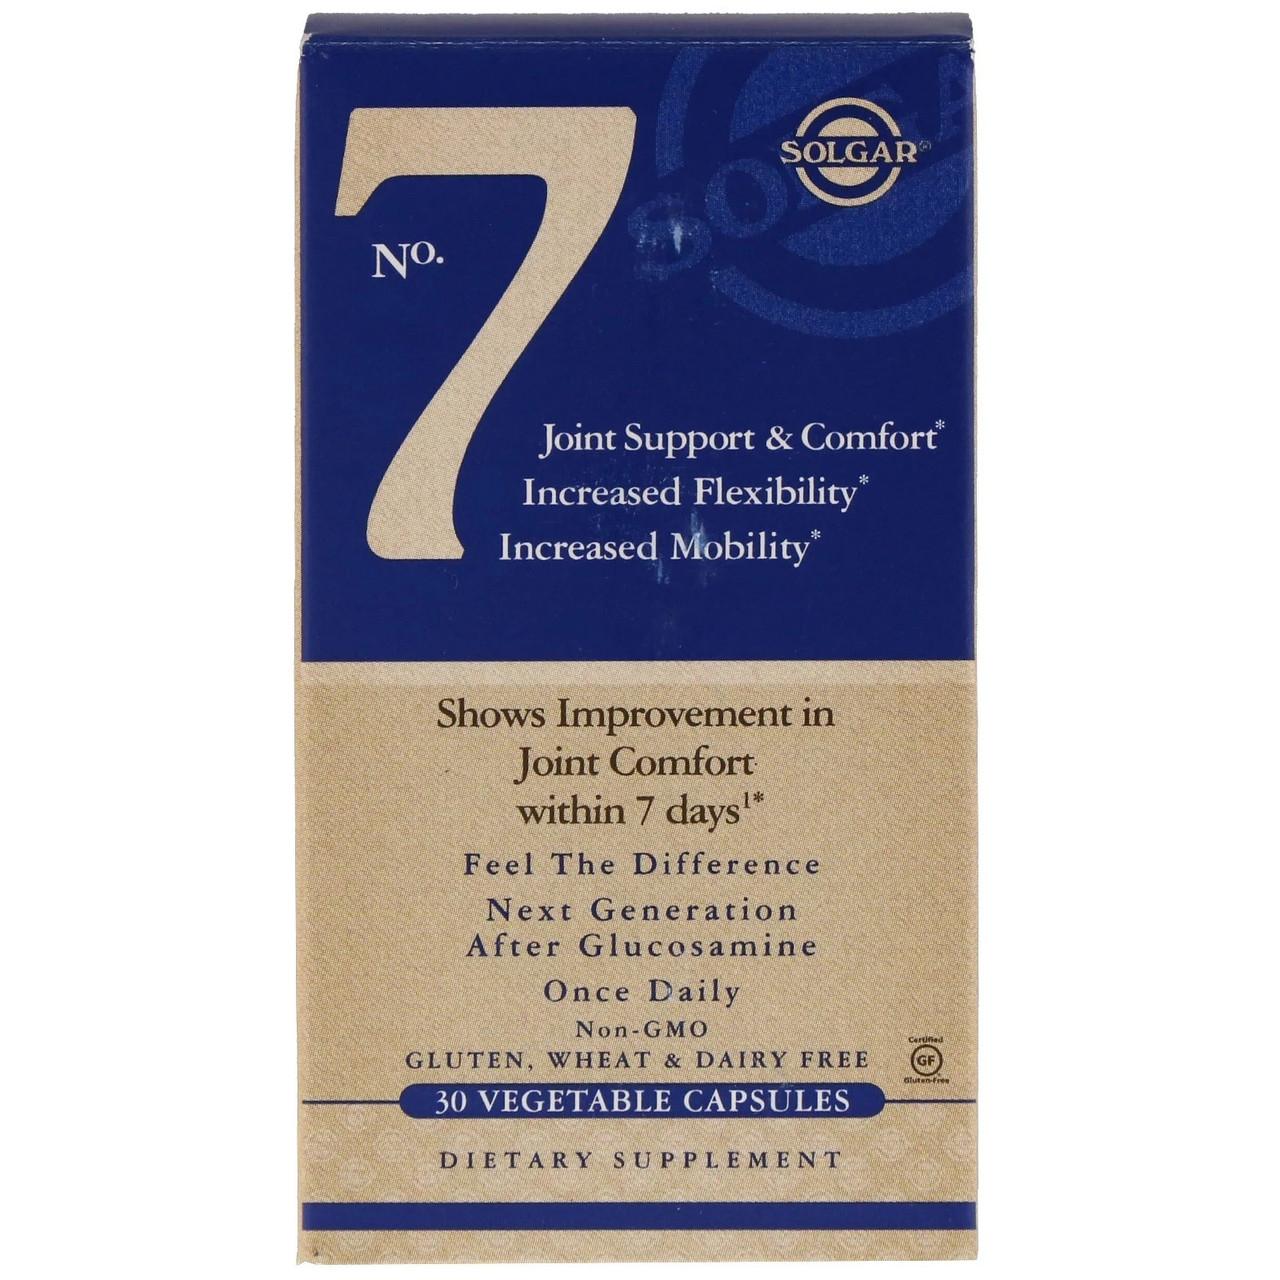 Біологічно Активні Добавки Солгар №7 30 капсул Solgar №7 (5324886)